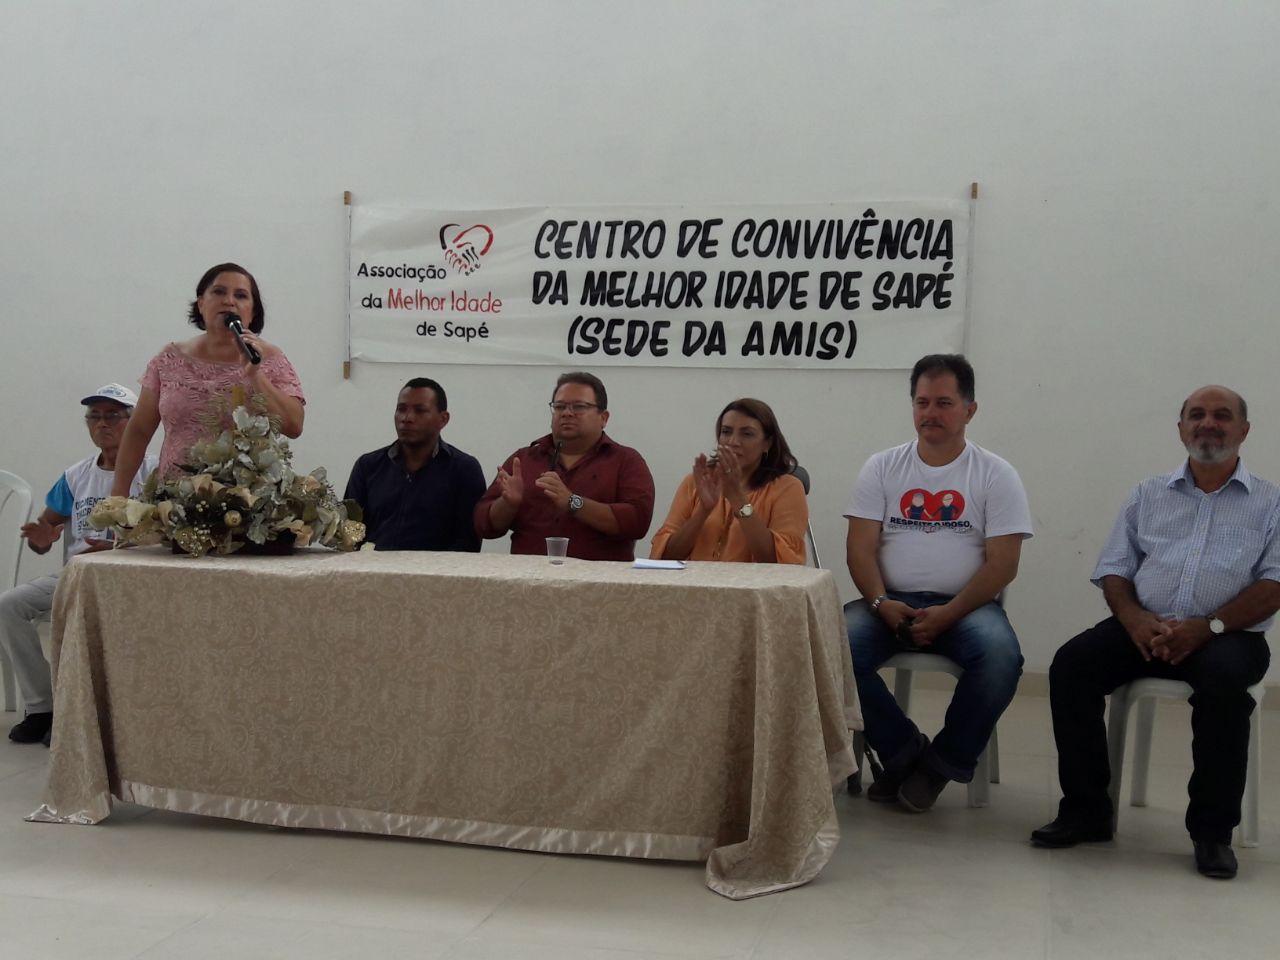 Comissão da OAB-PB participa de inauguração do Centro de Convivência da Melhor Idade da cidade de Sapé